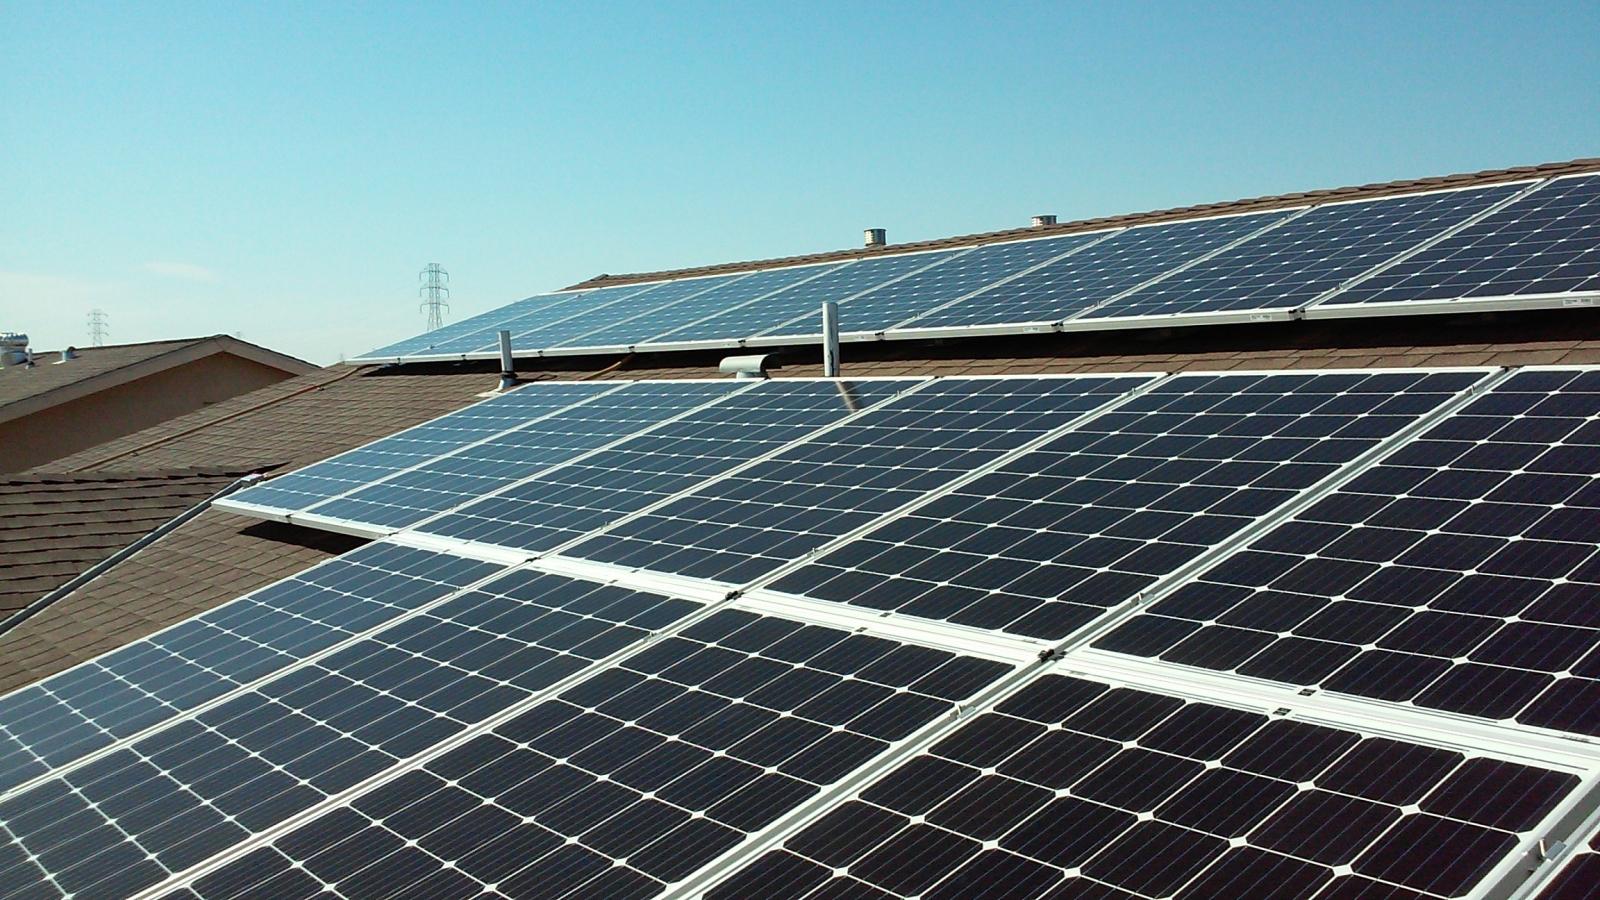 Công trình Hệ thống Điện Năng Lượng Mặt Trời 15,66 kWp tại Công Ty TNHH SX TM DV Hiệp Phúc Tiến